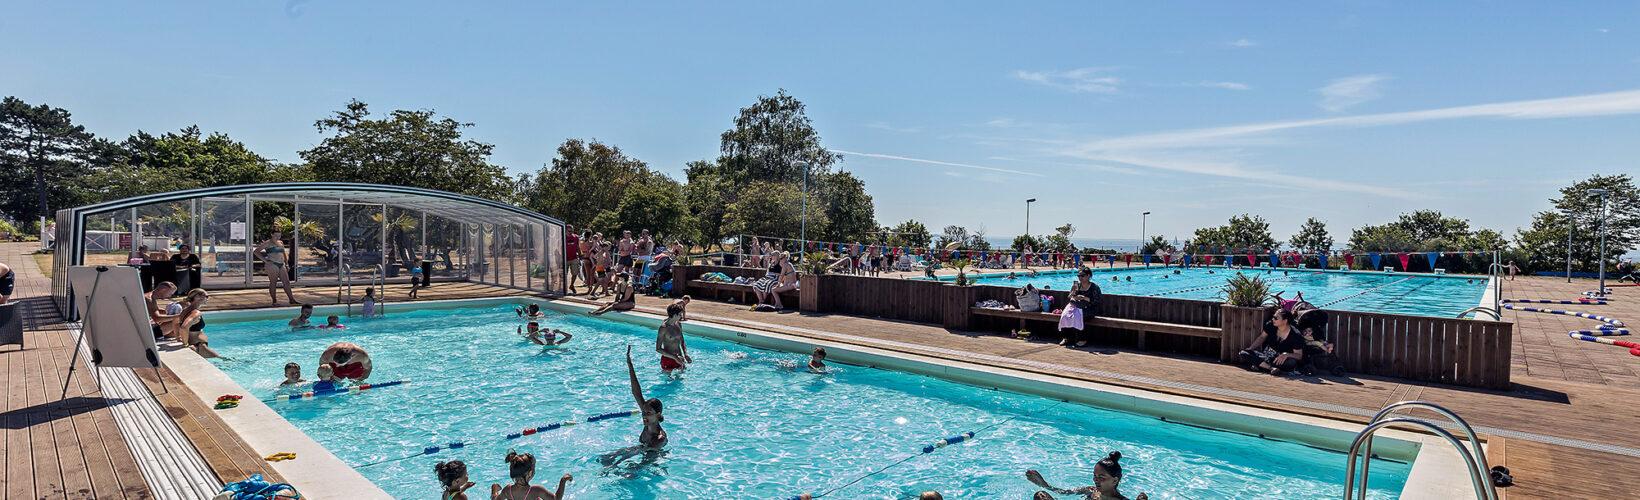 swimming pool helsingborg